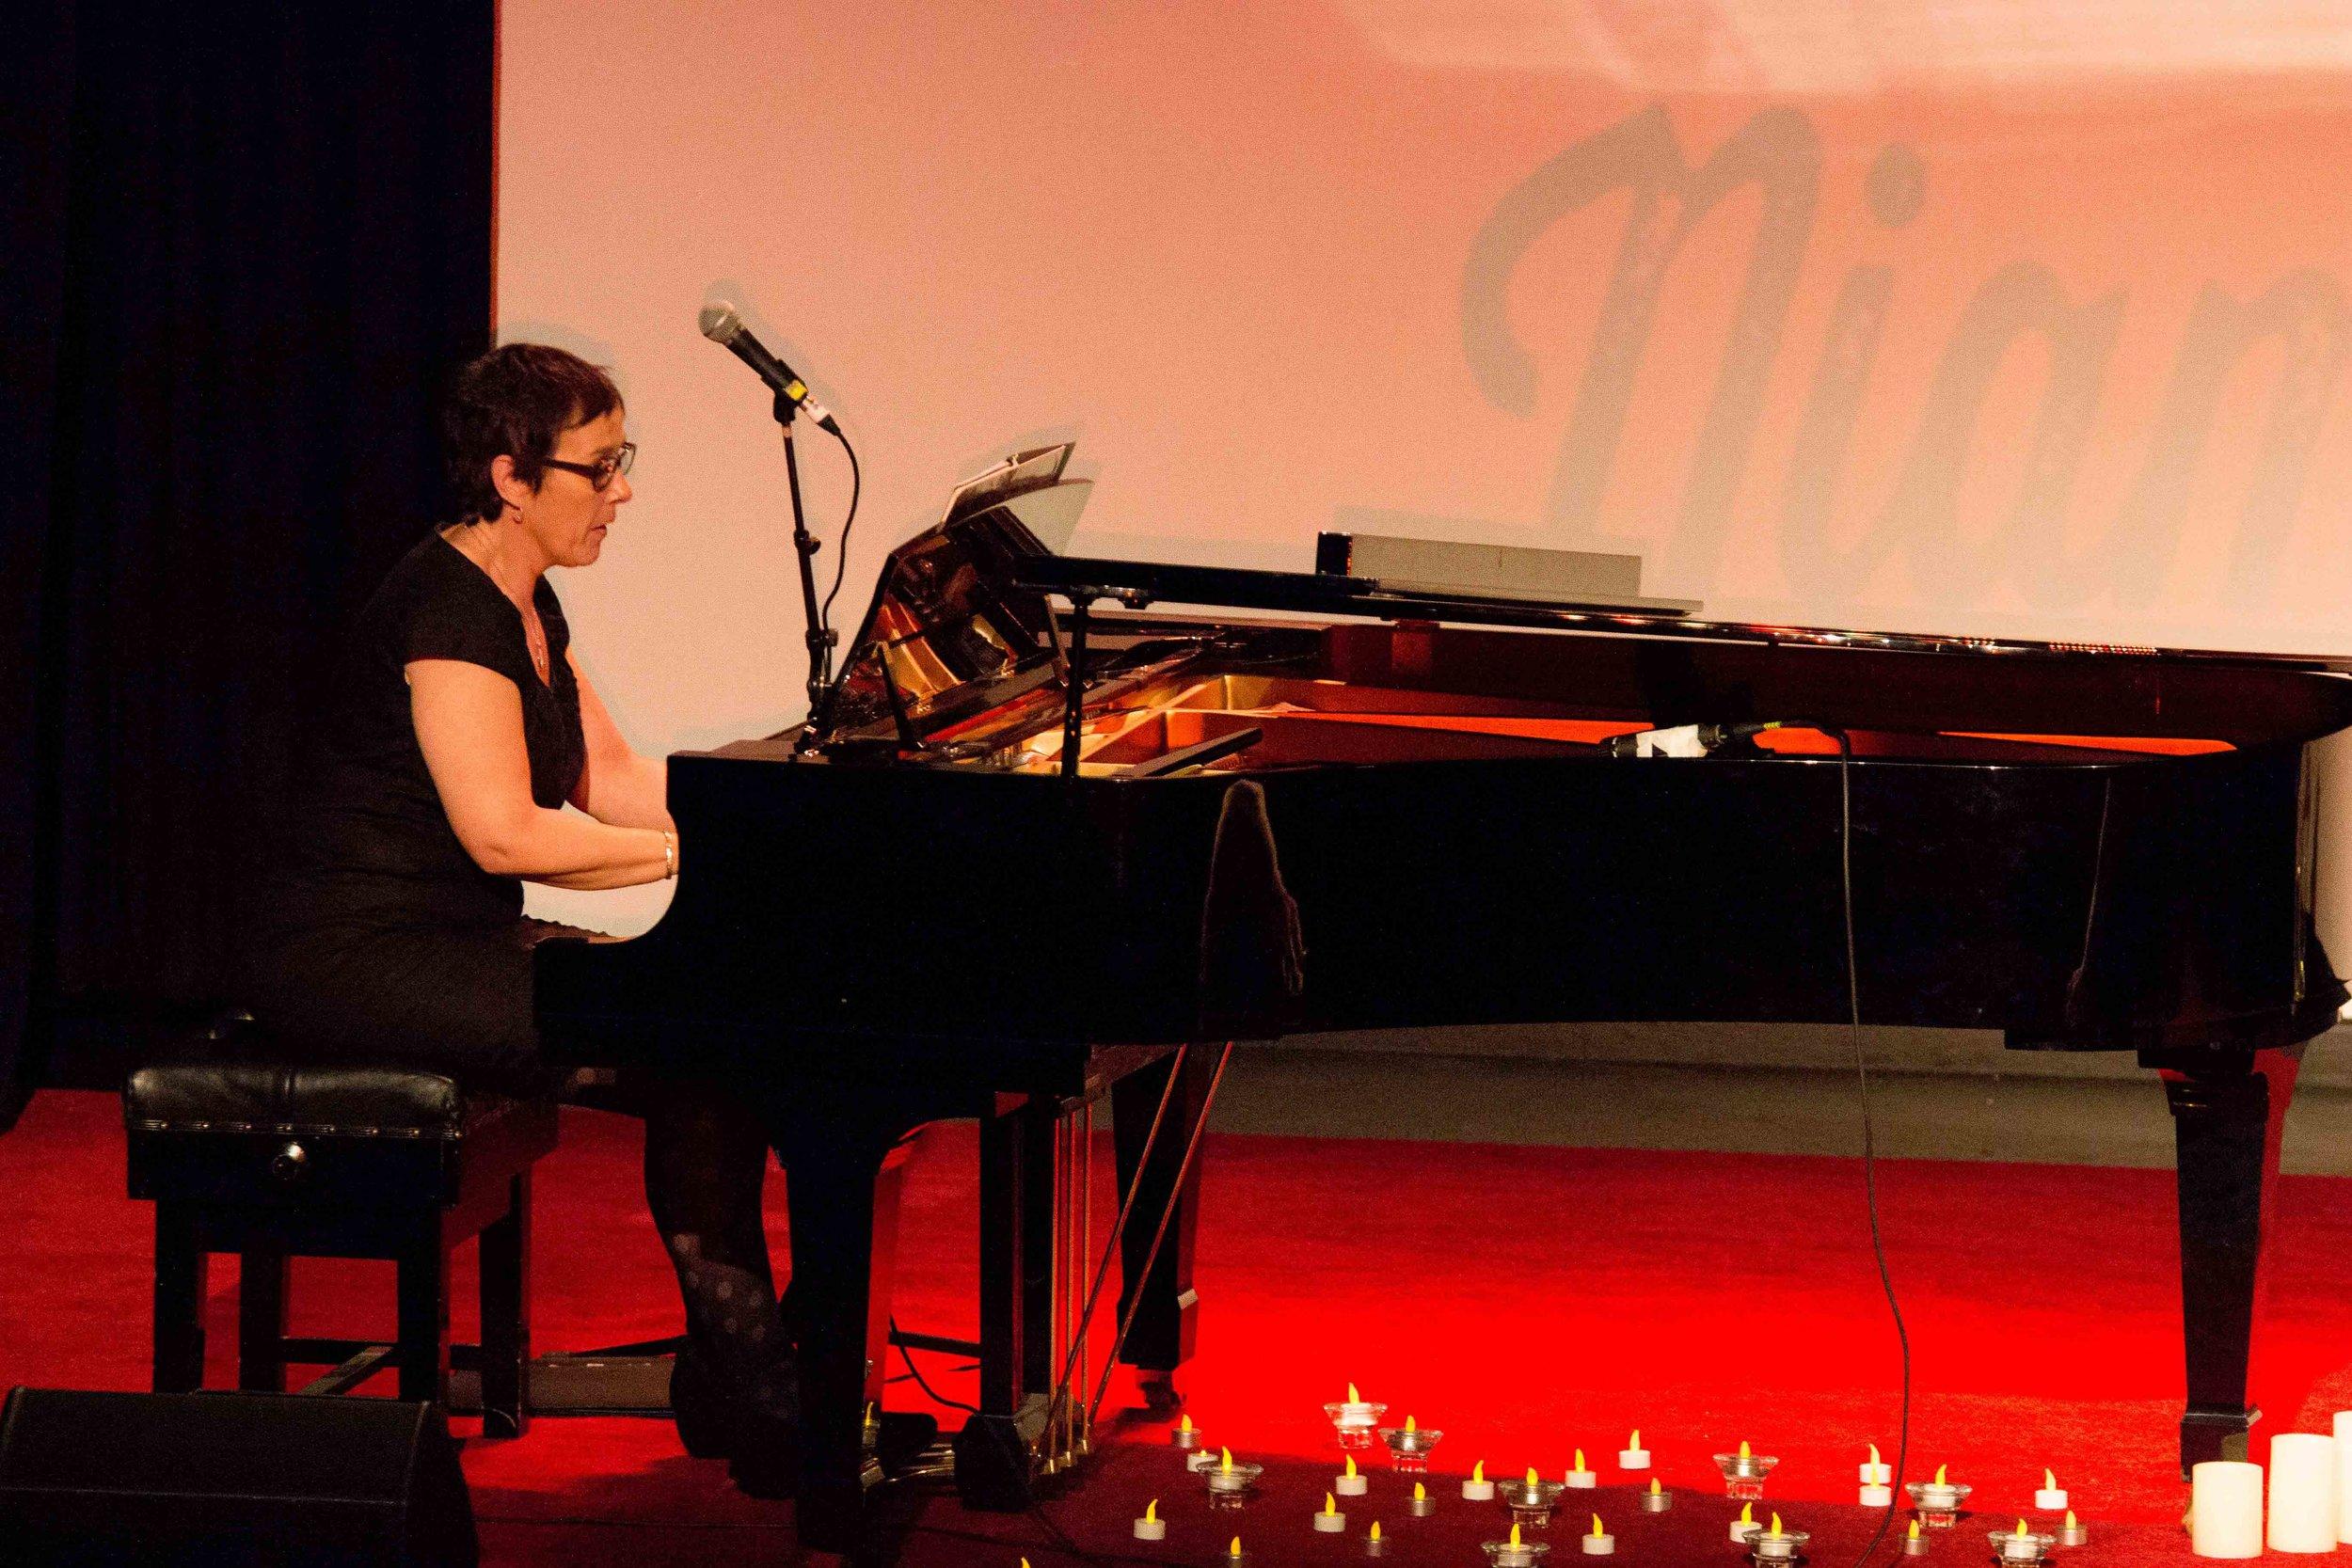 Allingham Festival Concert 2016 - Abbey Arts Centre, Ballyshannon - Nov. 5th 2016-121.jpg